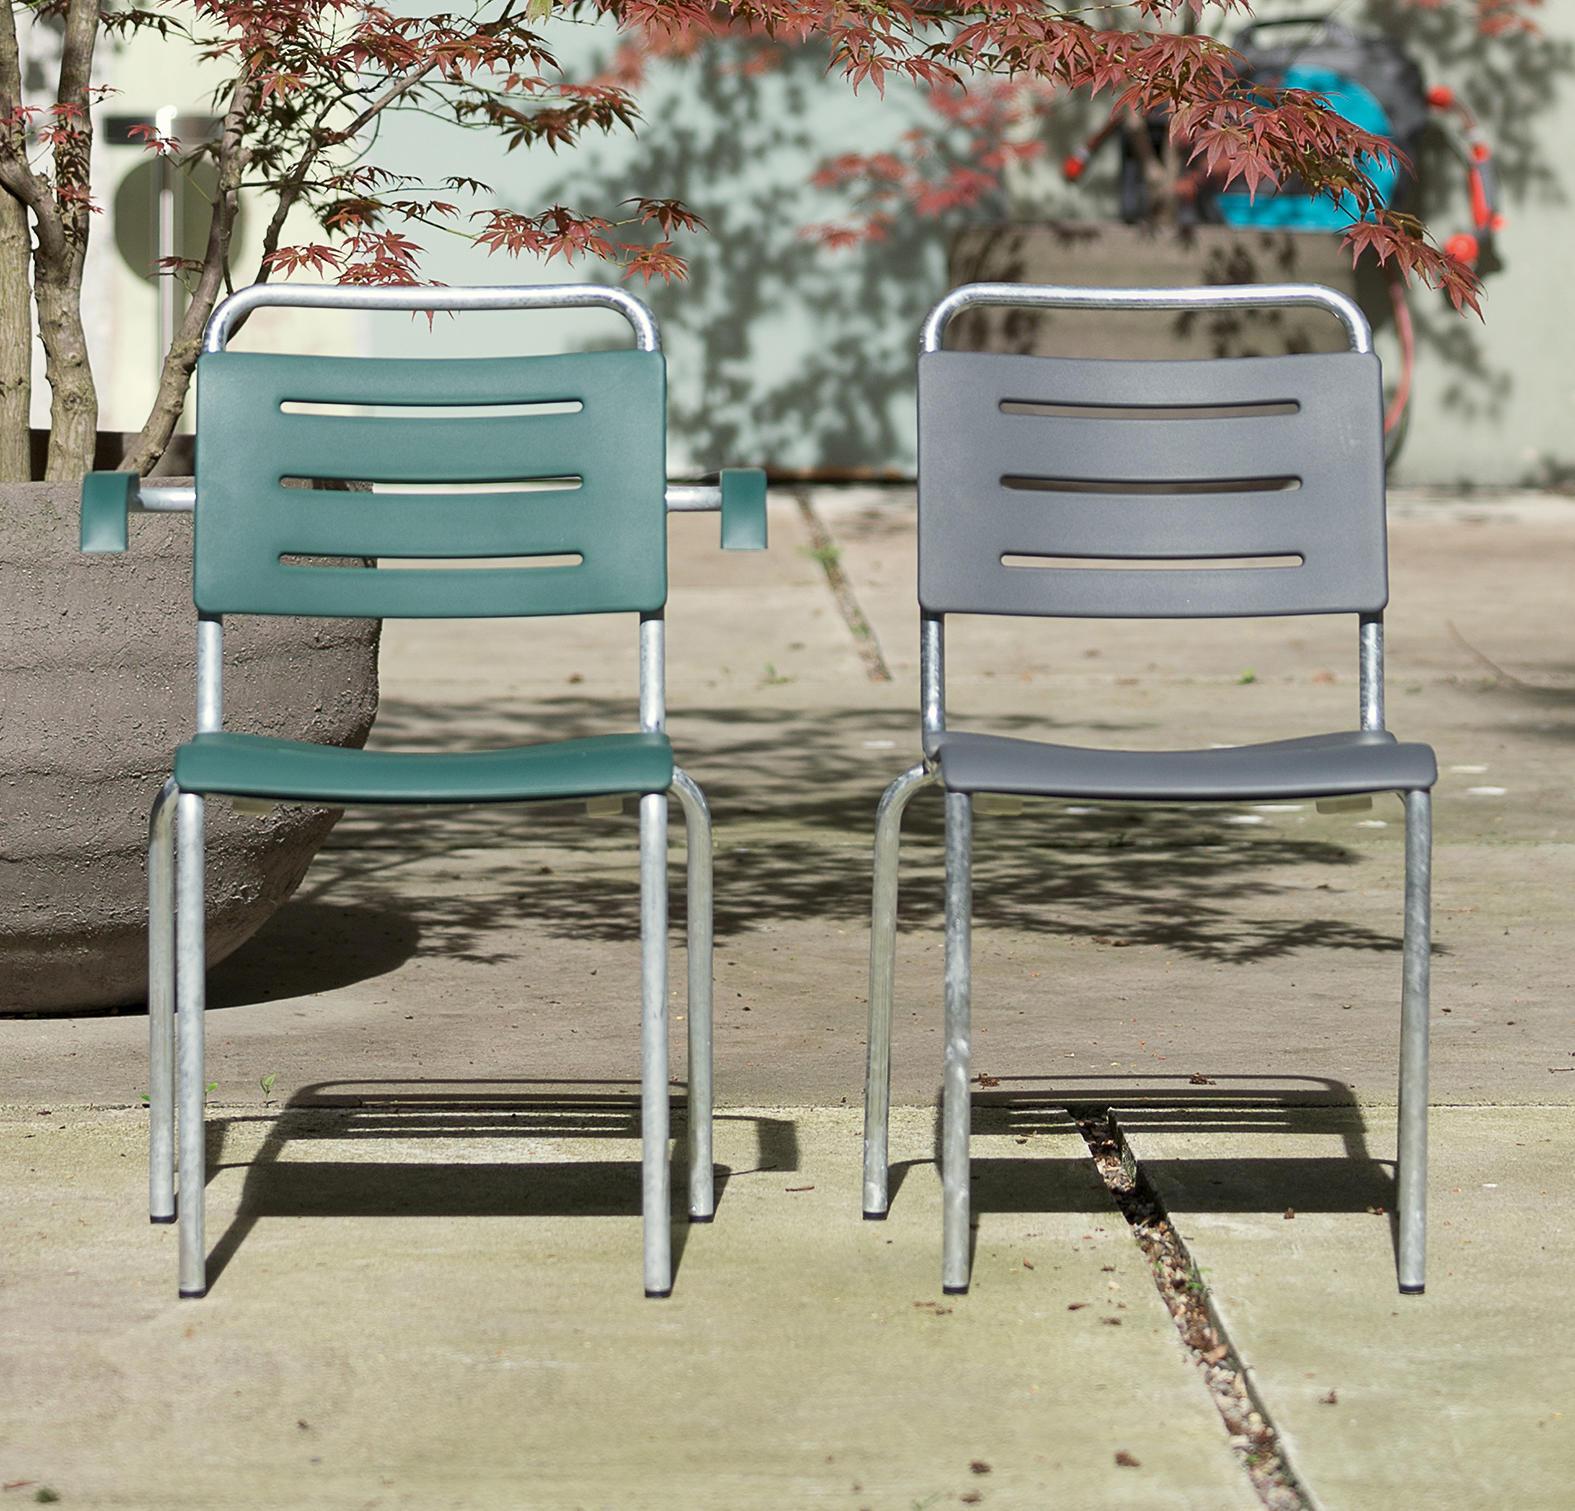 La Chaise De Jardin Poly | Architonic intérieur Alinea Chaise Jardin